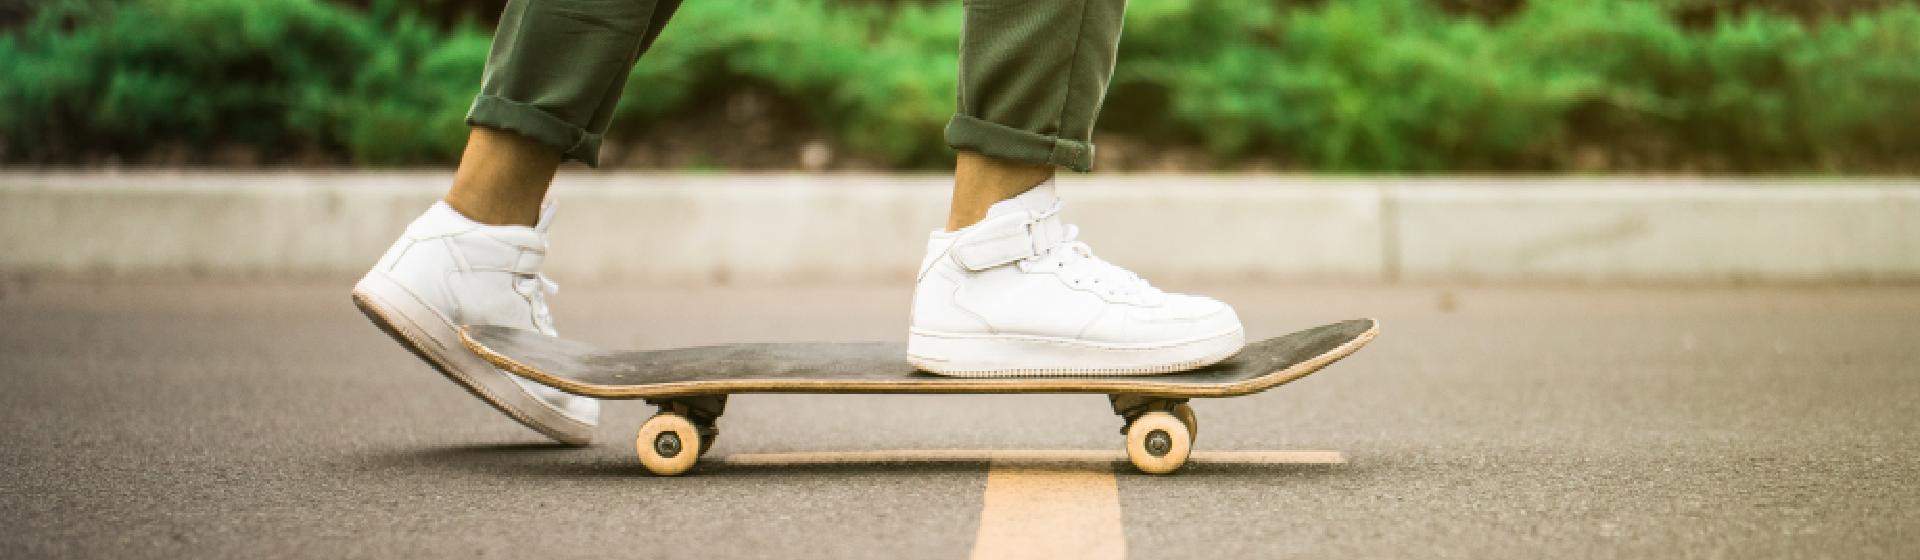 Melhor skate de 2021: modelos e dicas para comprar